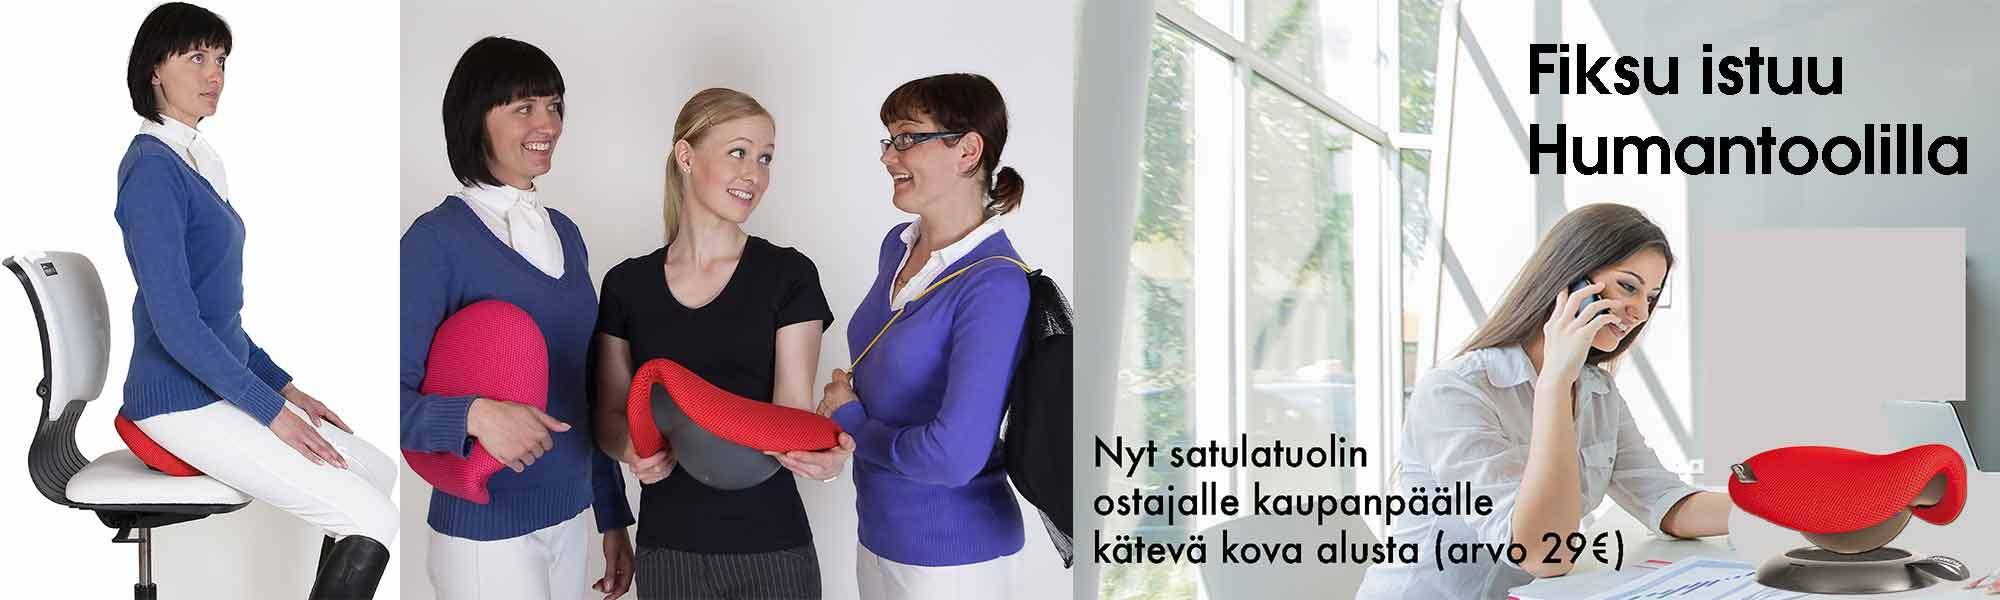 Satulatuoli - selkäkipu pois - Humantool.fi